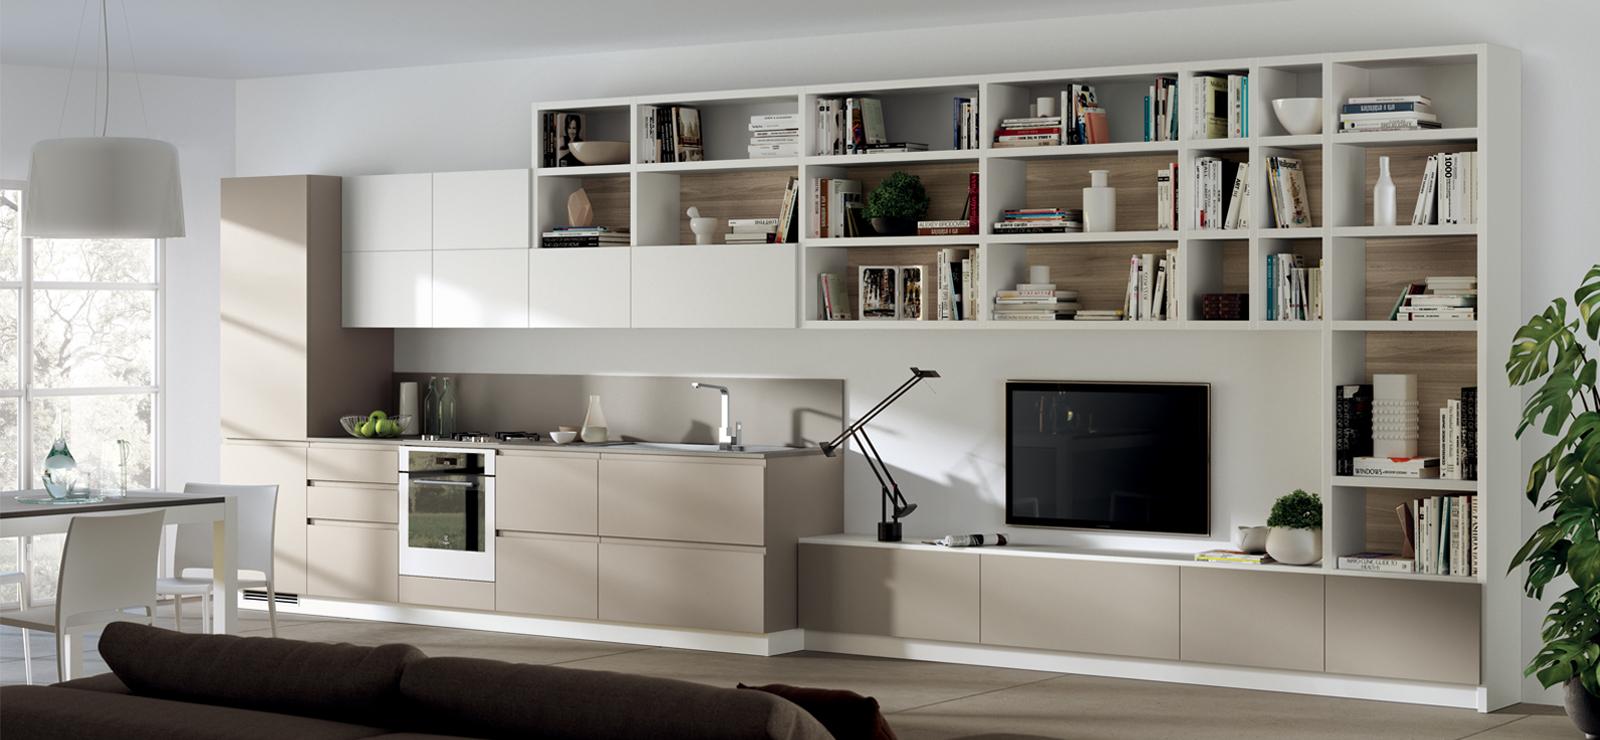 Дизайн кухни гостиной с мебелью